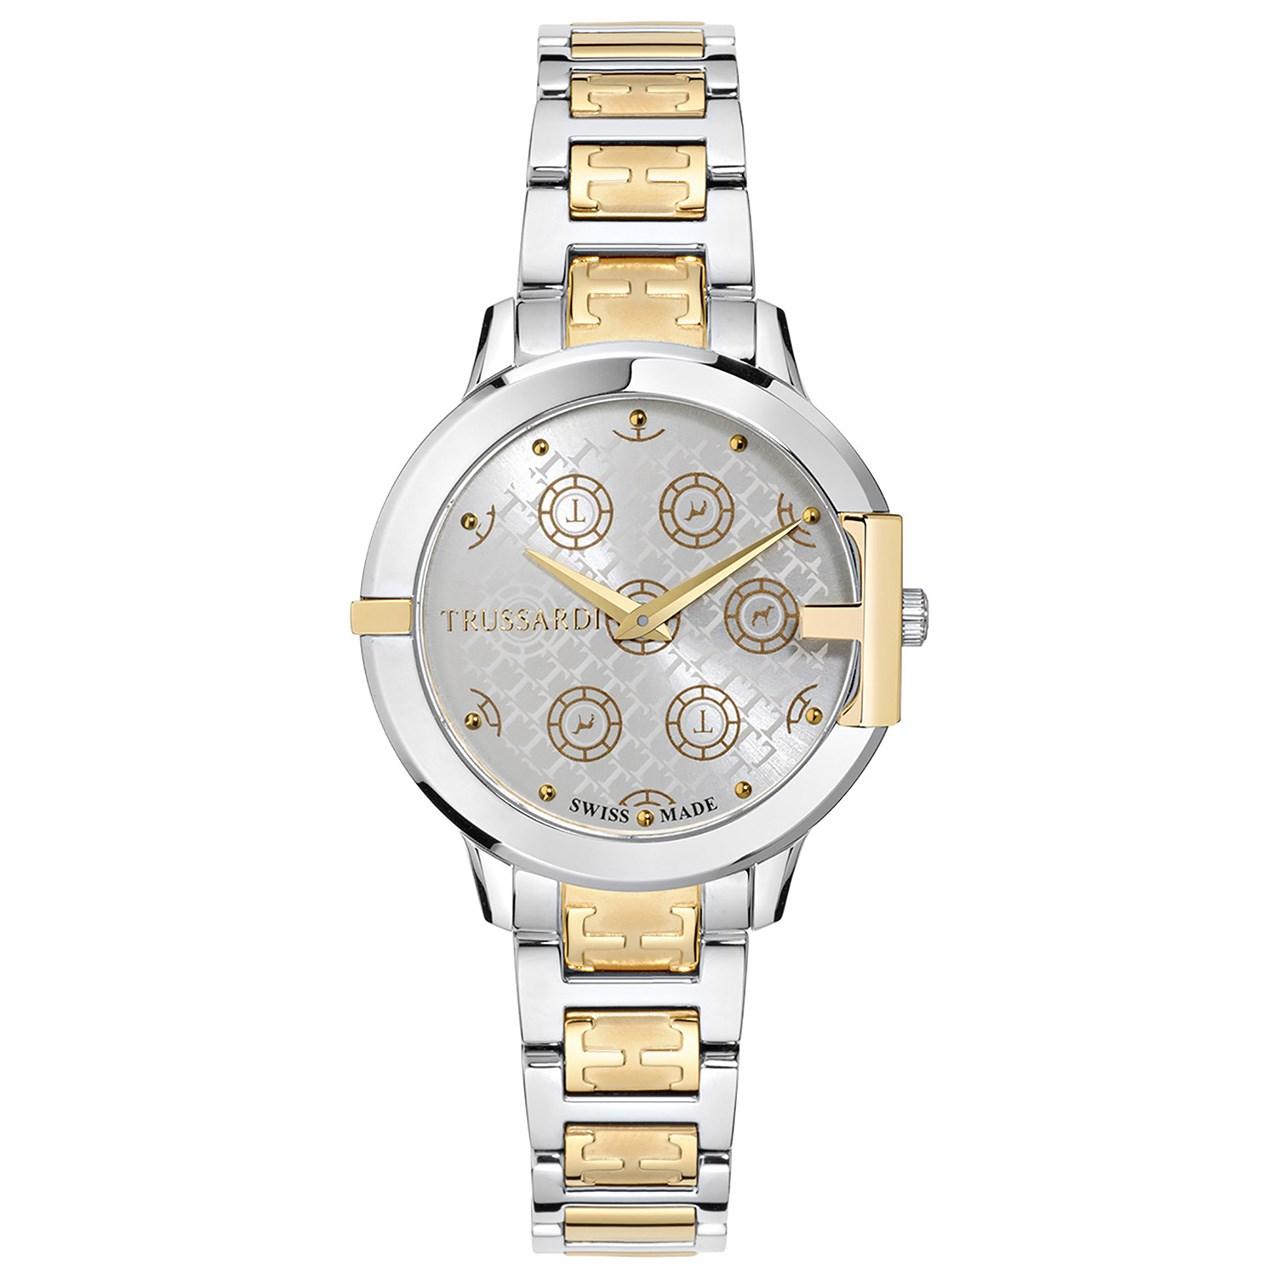 ساعت مچی عقربه ای زنانه تروساردی مدل TR-R2453114504 55